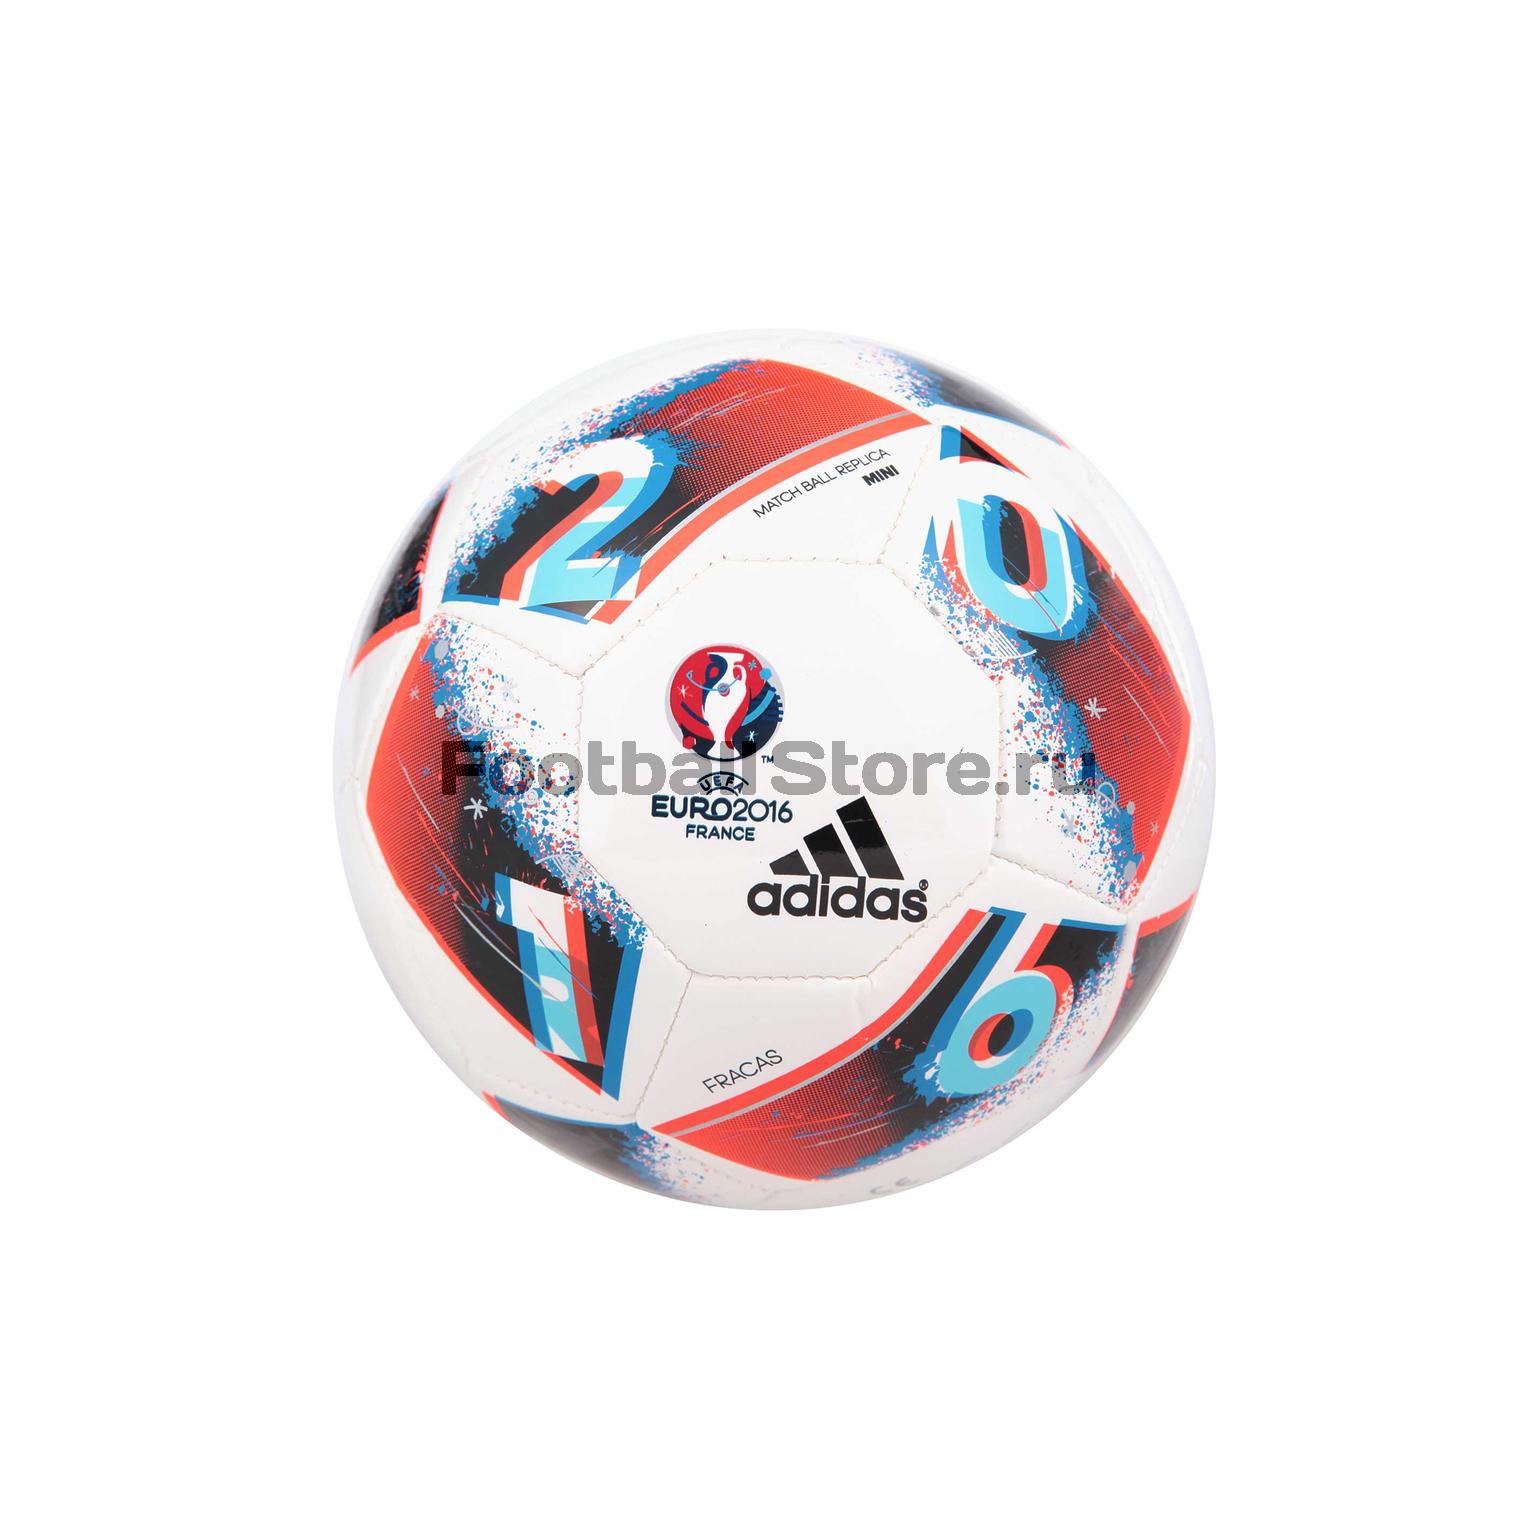 Мяч сувенирный Adidas EURO16 Mini AO4850 – купить в интернет магазине  footballstore 48fe822e8b4f4